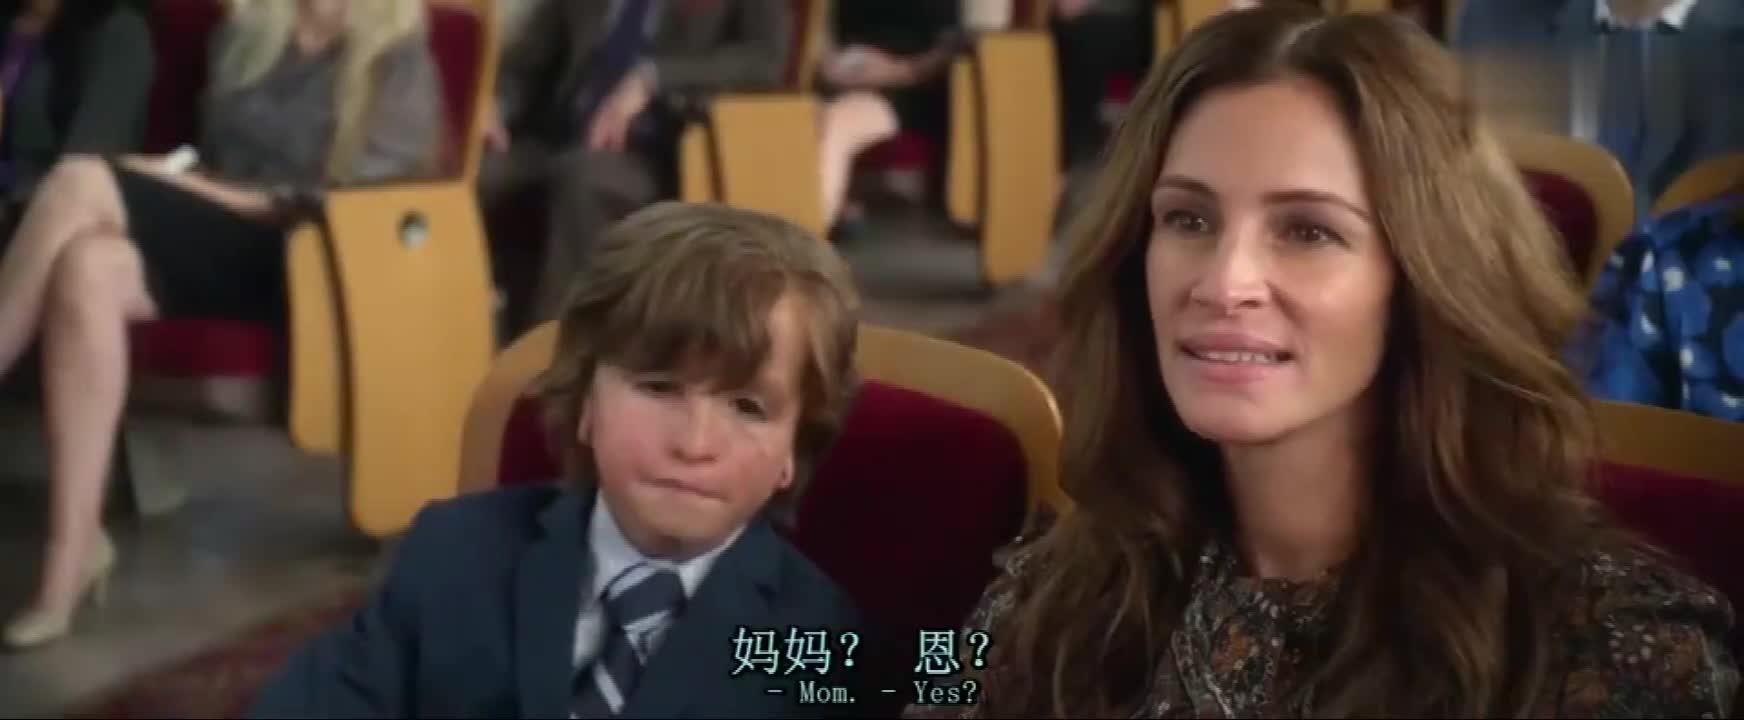 #经典看电影#《奇迹男孩》 让人热泪盈眶的一幕